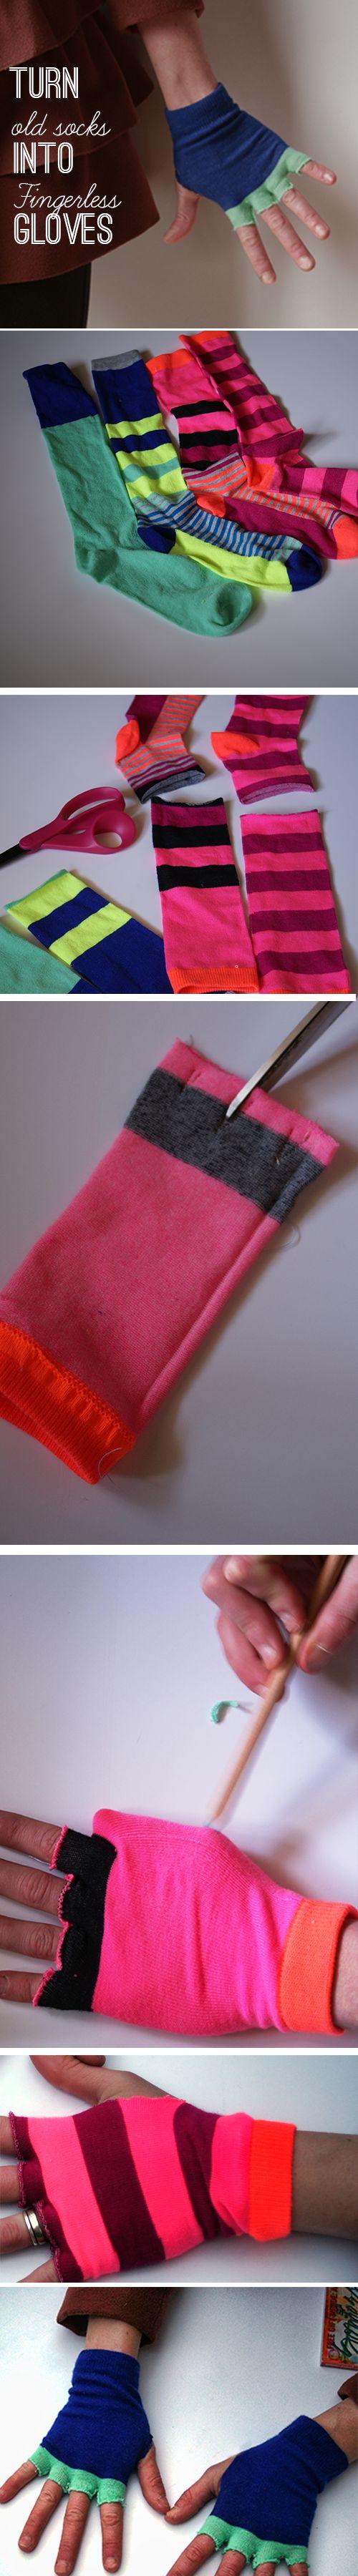 Utilidades com meias belle diva - Star diva futura ...